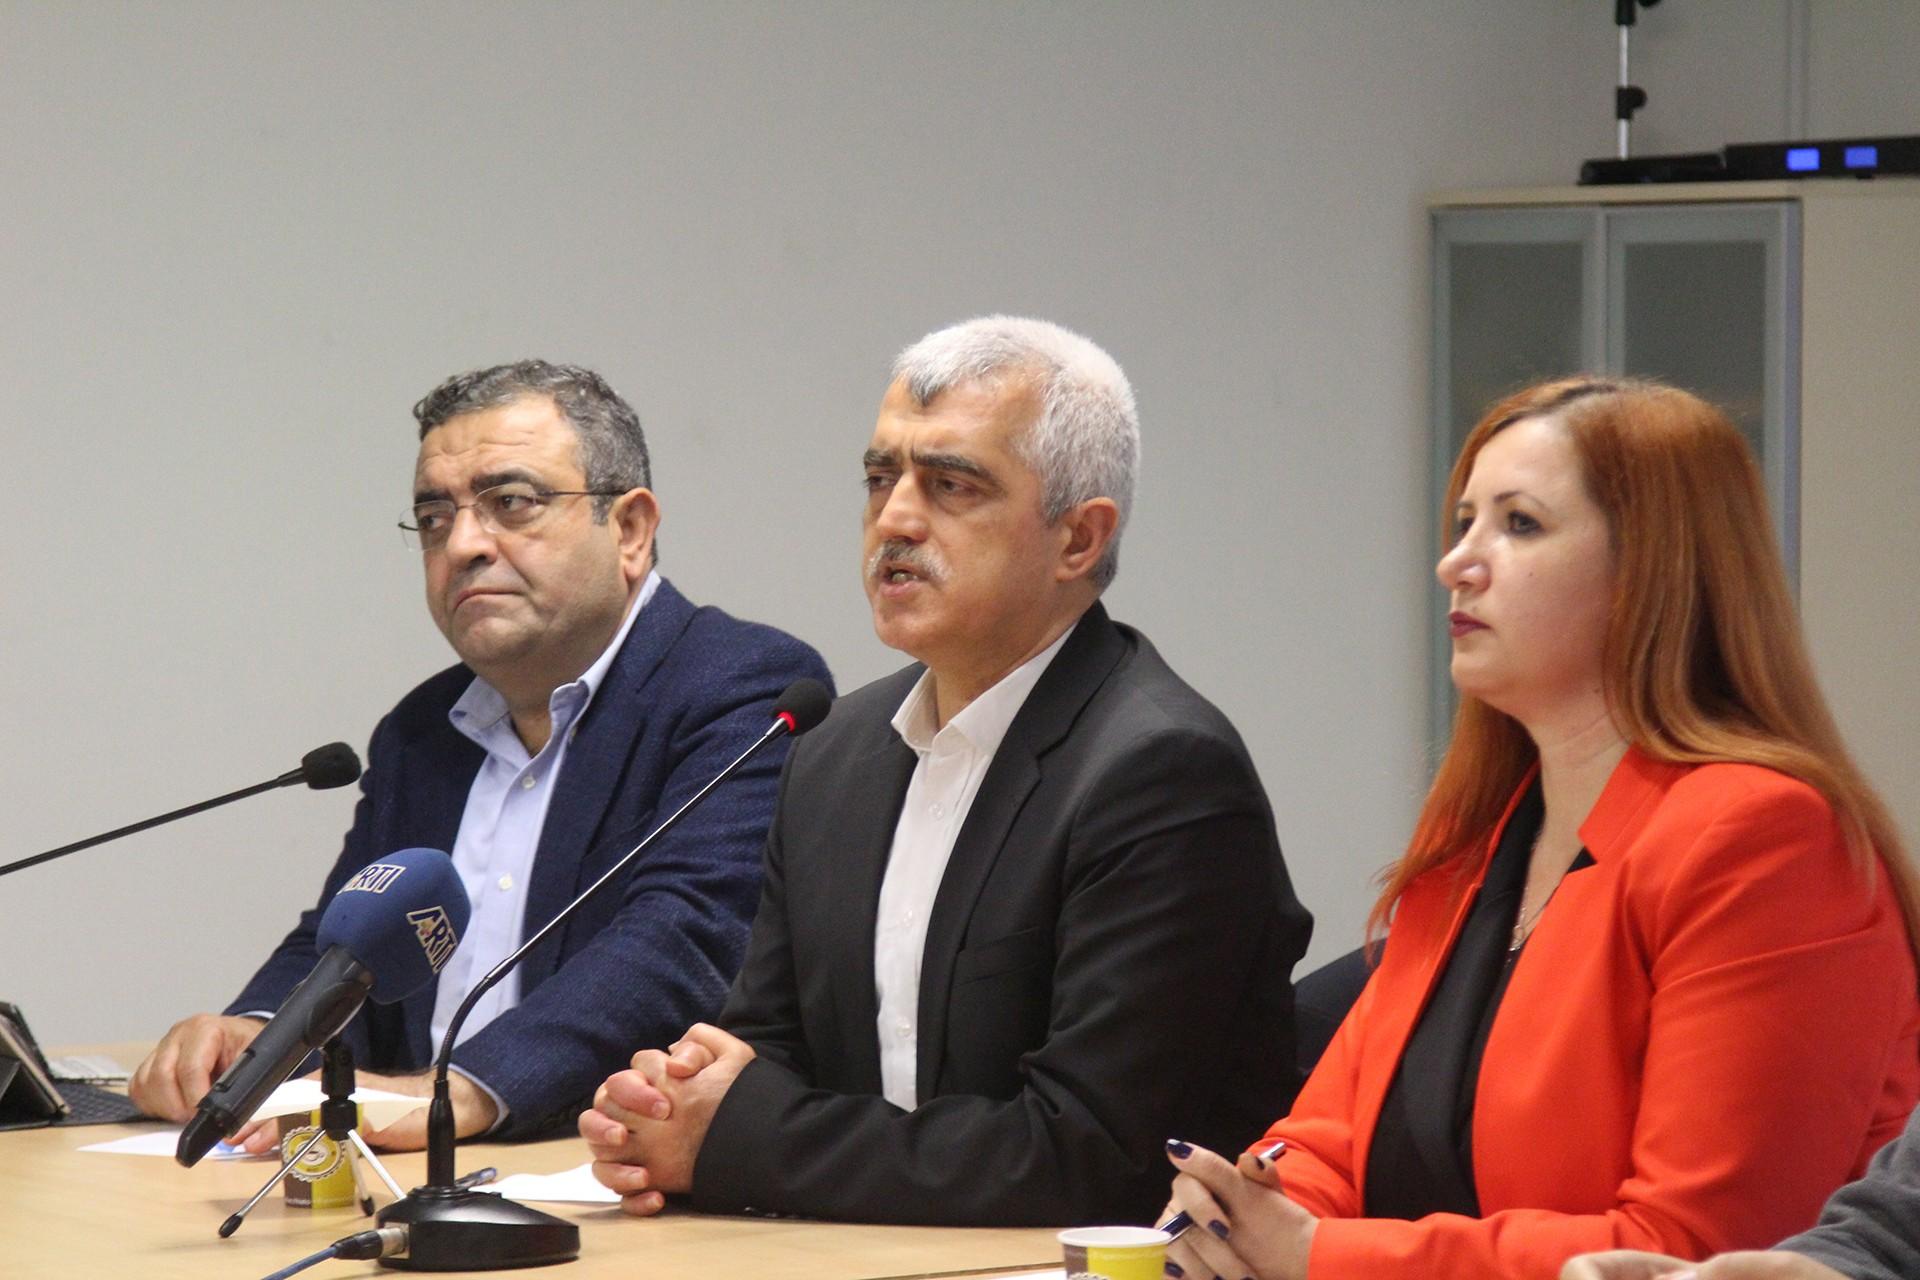 Ömer Gergerlioğlu basın açıklamasında konuşuyor